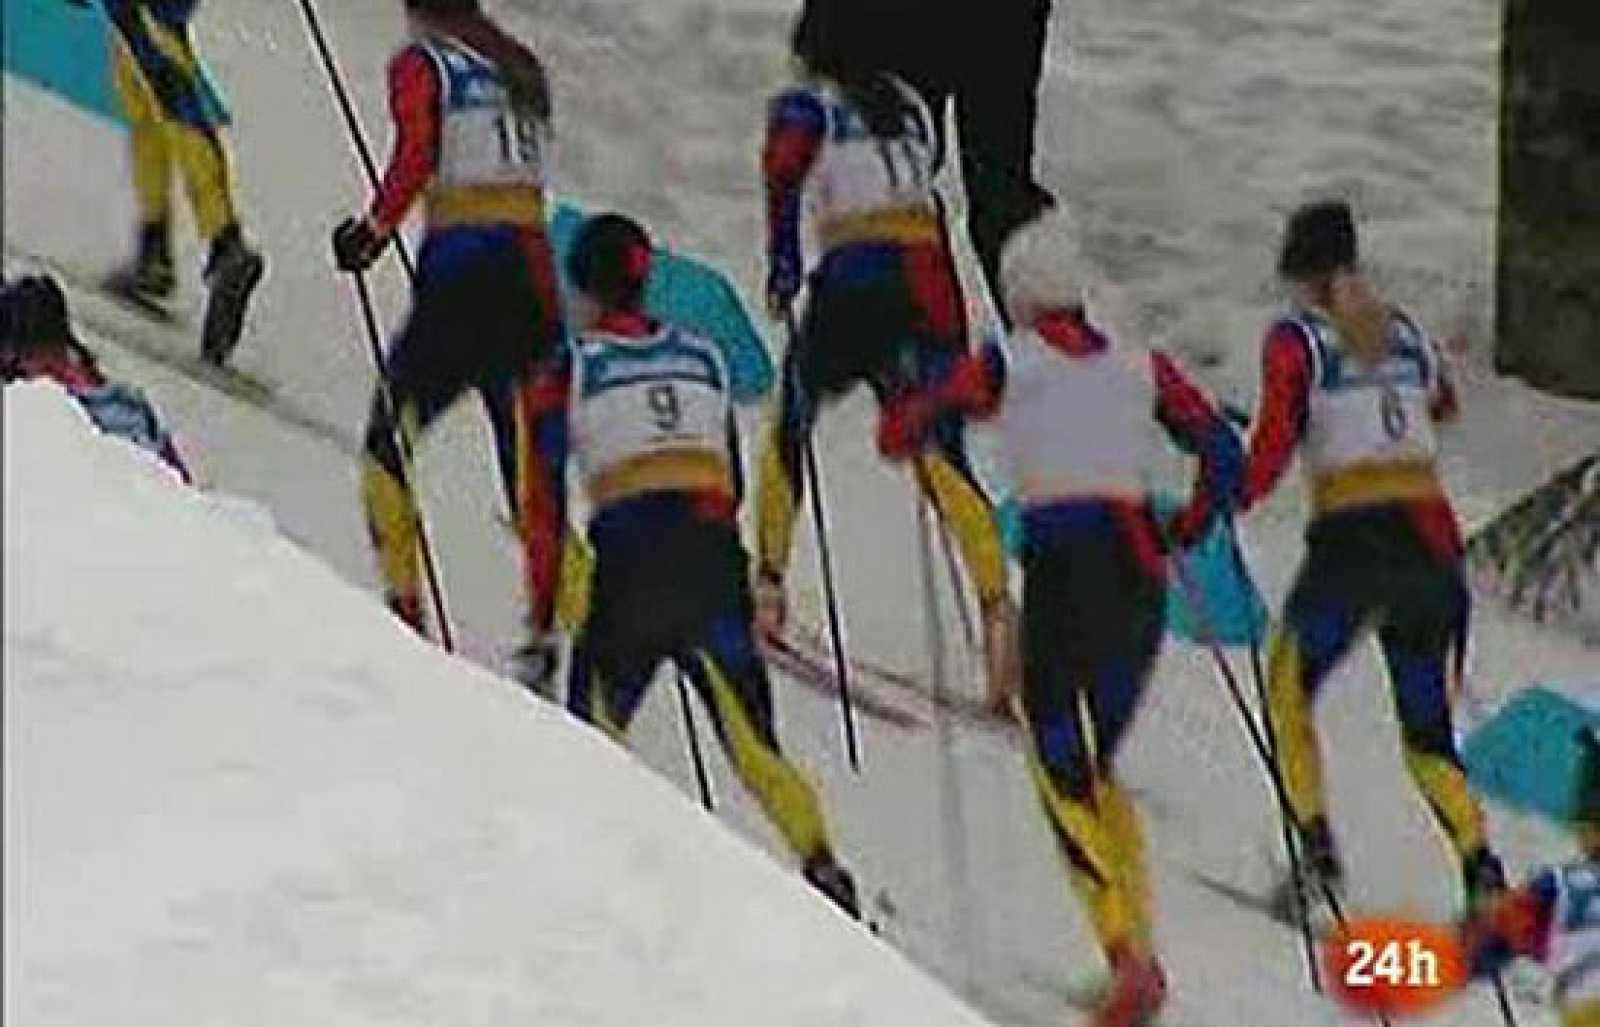 Canada Inicia La Cuenta Atras De Sus Juegos Olimpicos De Invierno